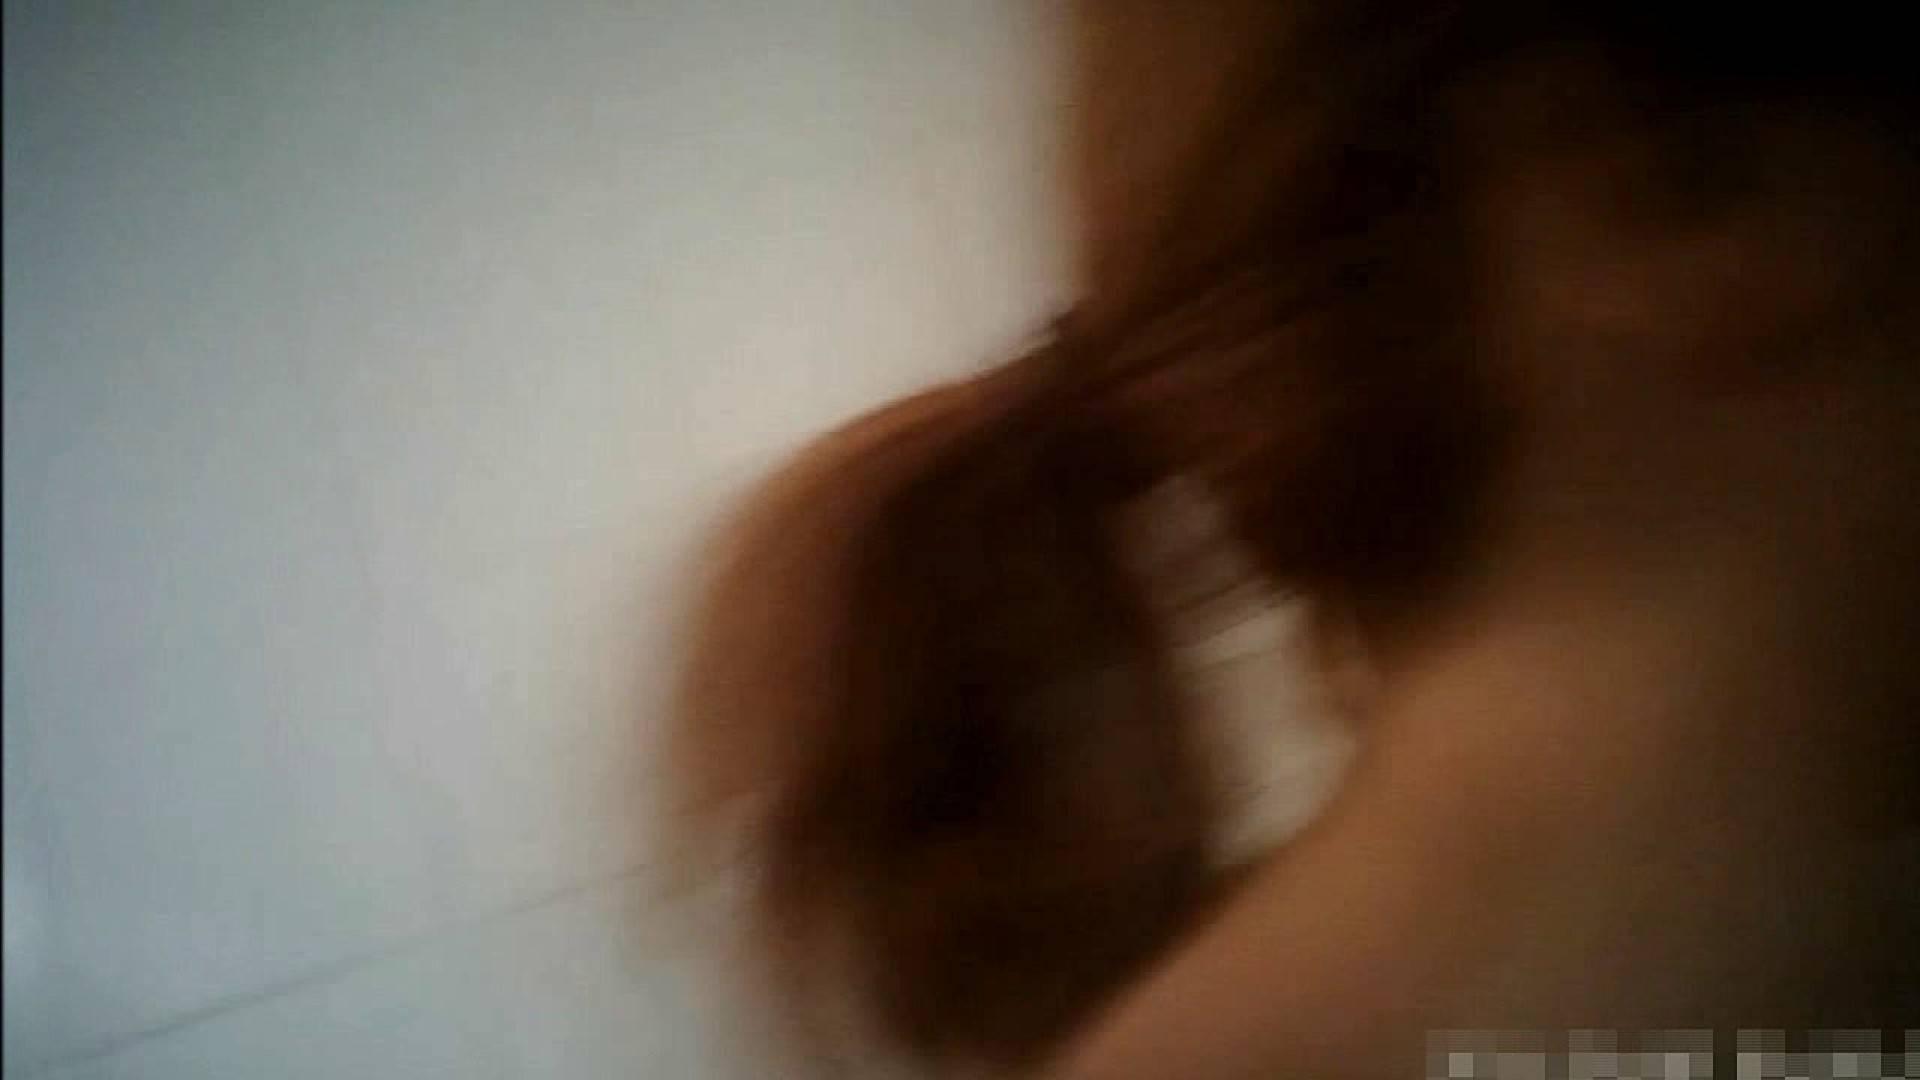 魔術師の お・も・て・な・し vol.07 19歳巨乳ギャルの入浴撮影 巨乳 おまんこ無修正動画無料 95pic 38